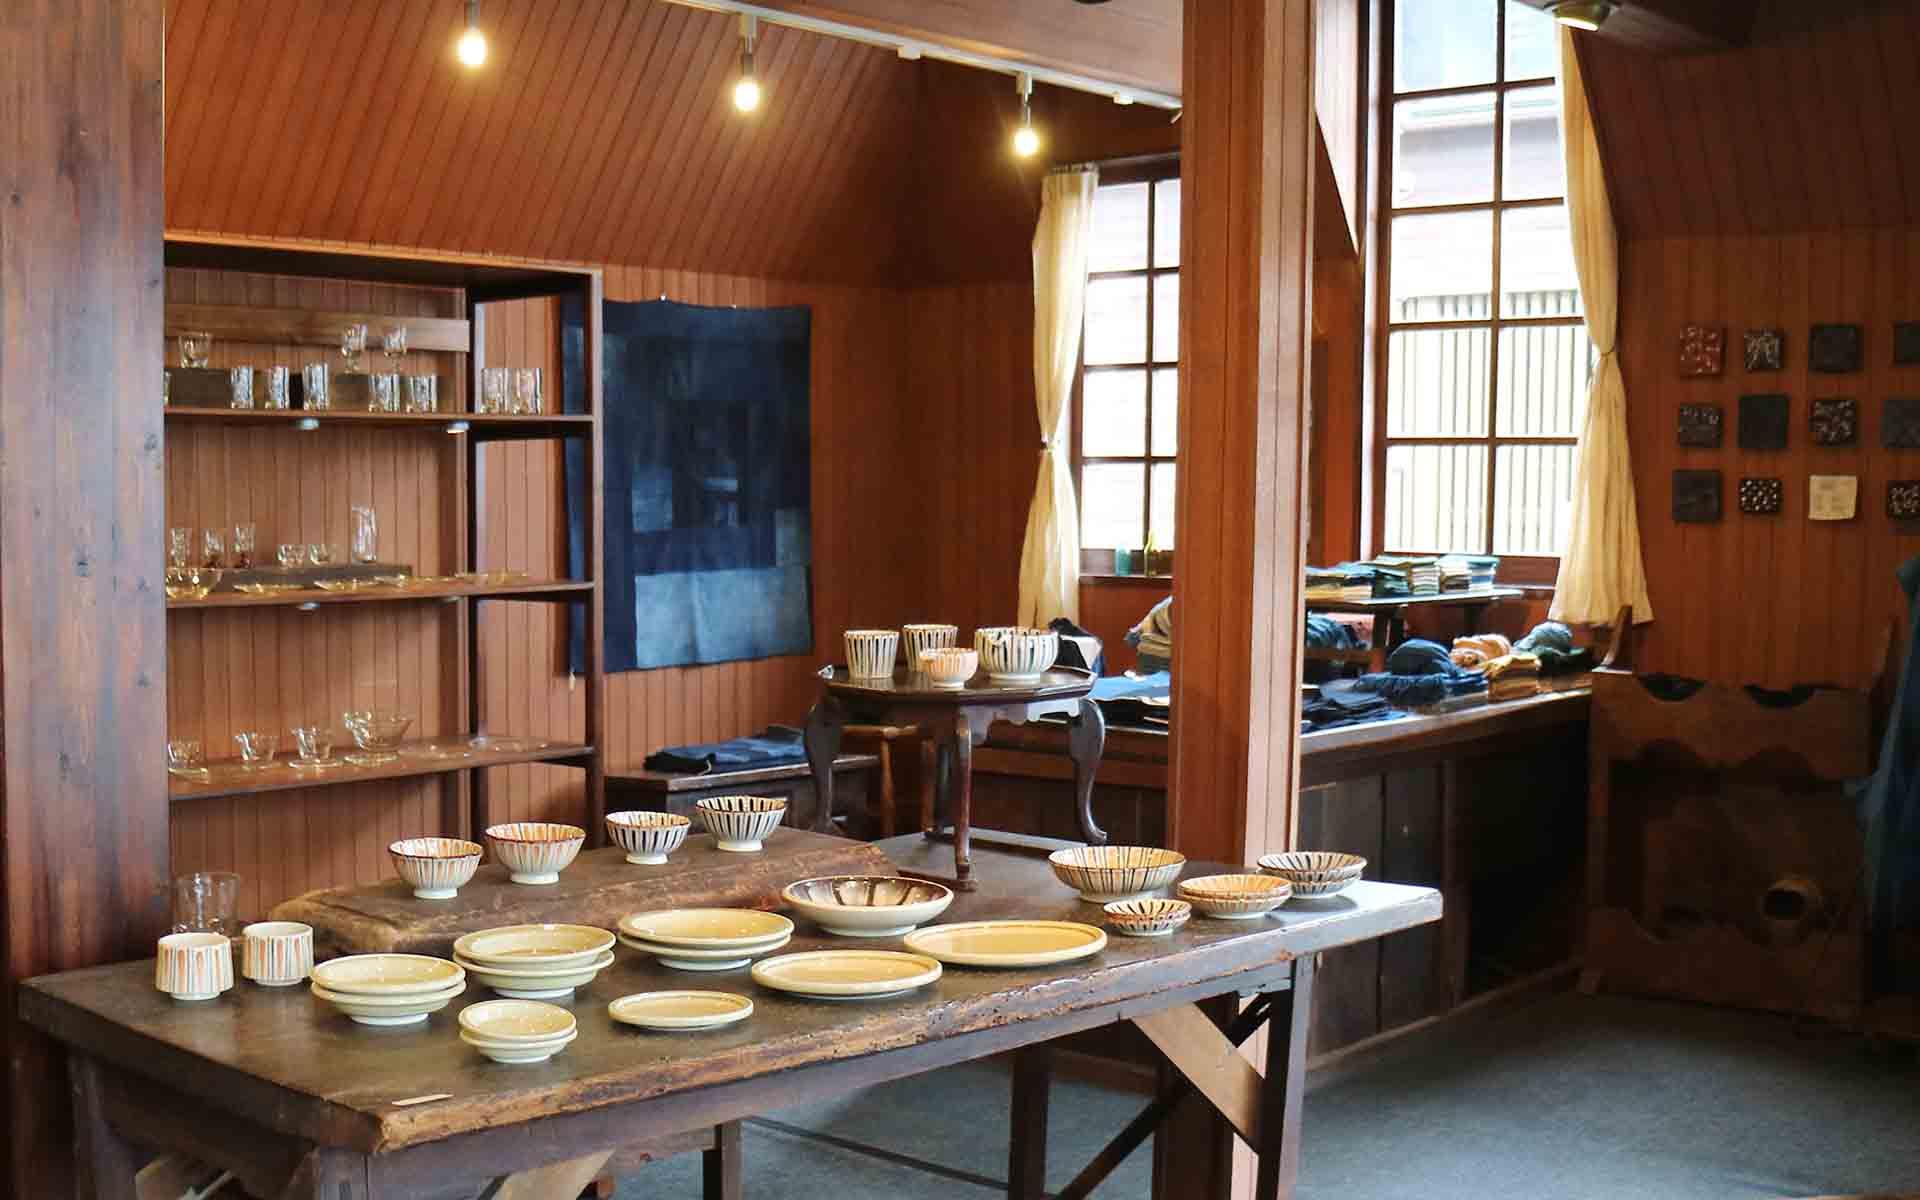 objects店内。現代の作り手の作品を中心に、陶器、ガラス、木工、織物といったさまざまな工芸品が並ぶ